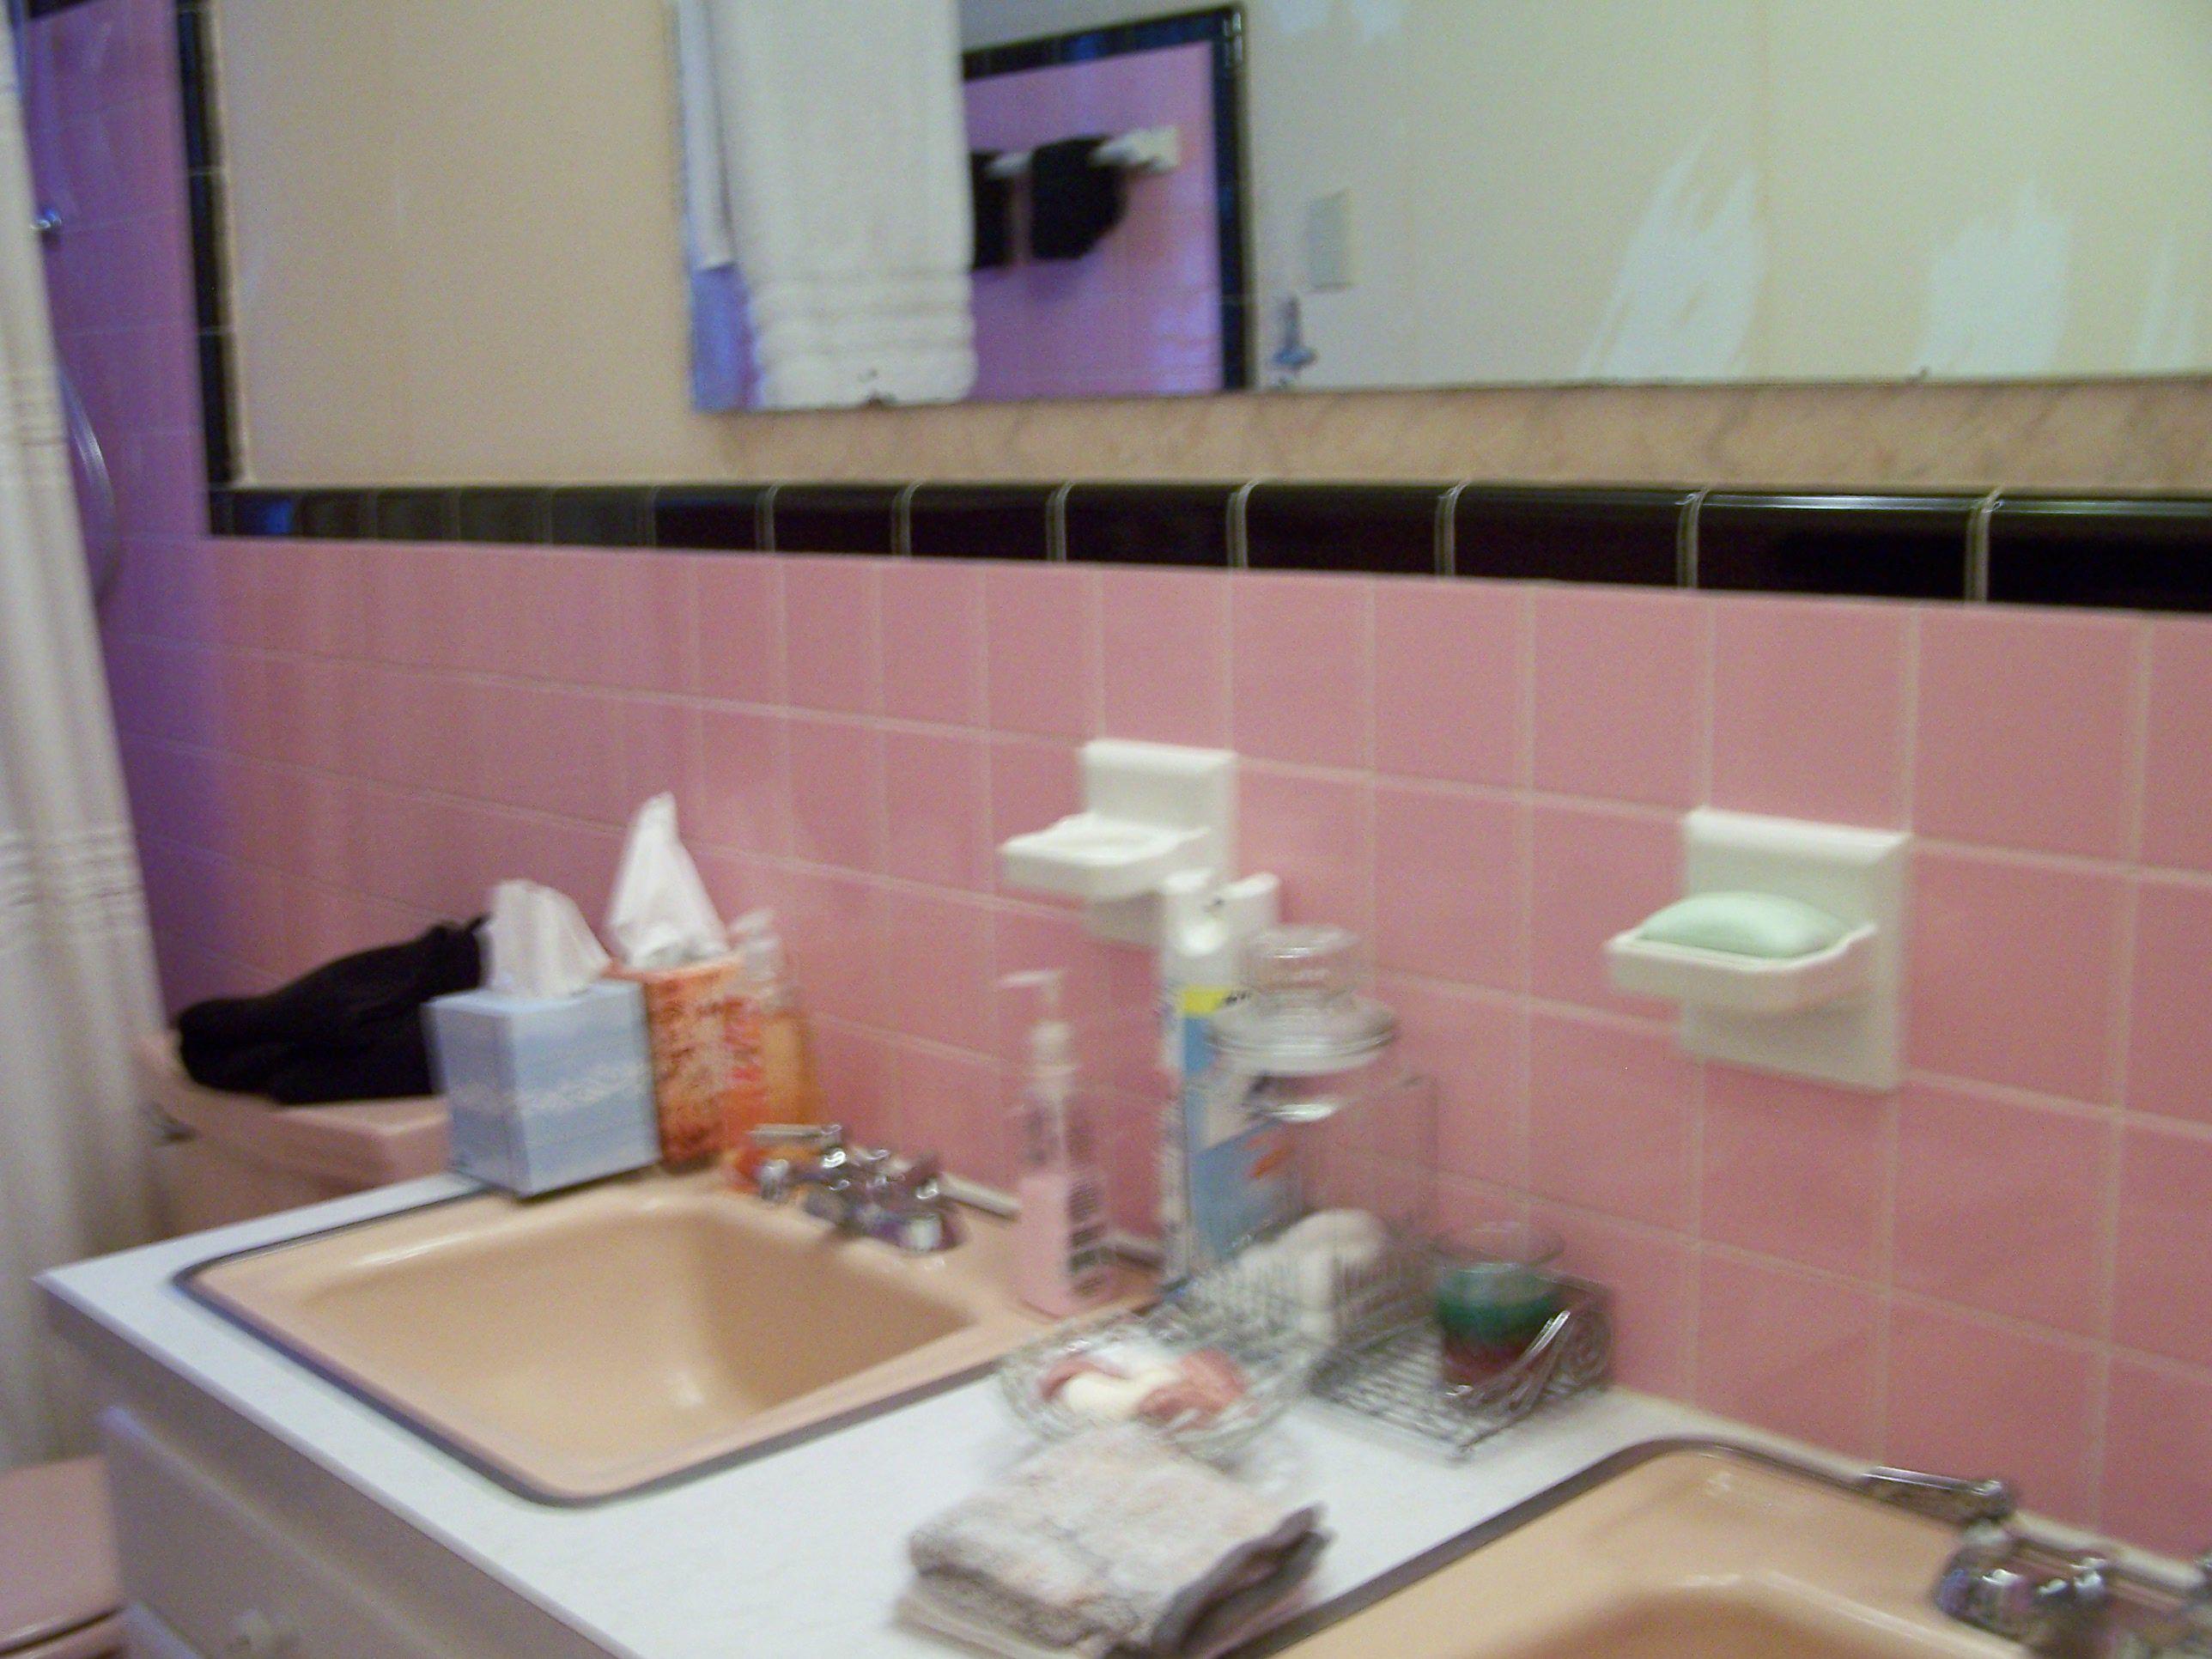 pink bathroom - before